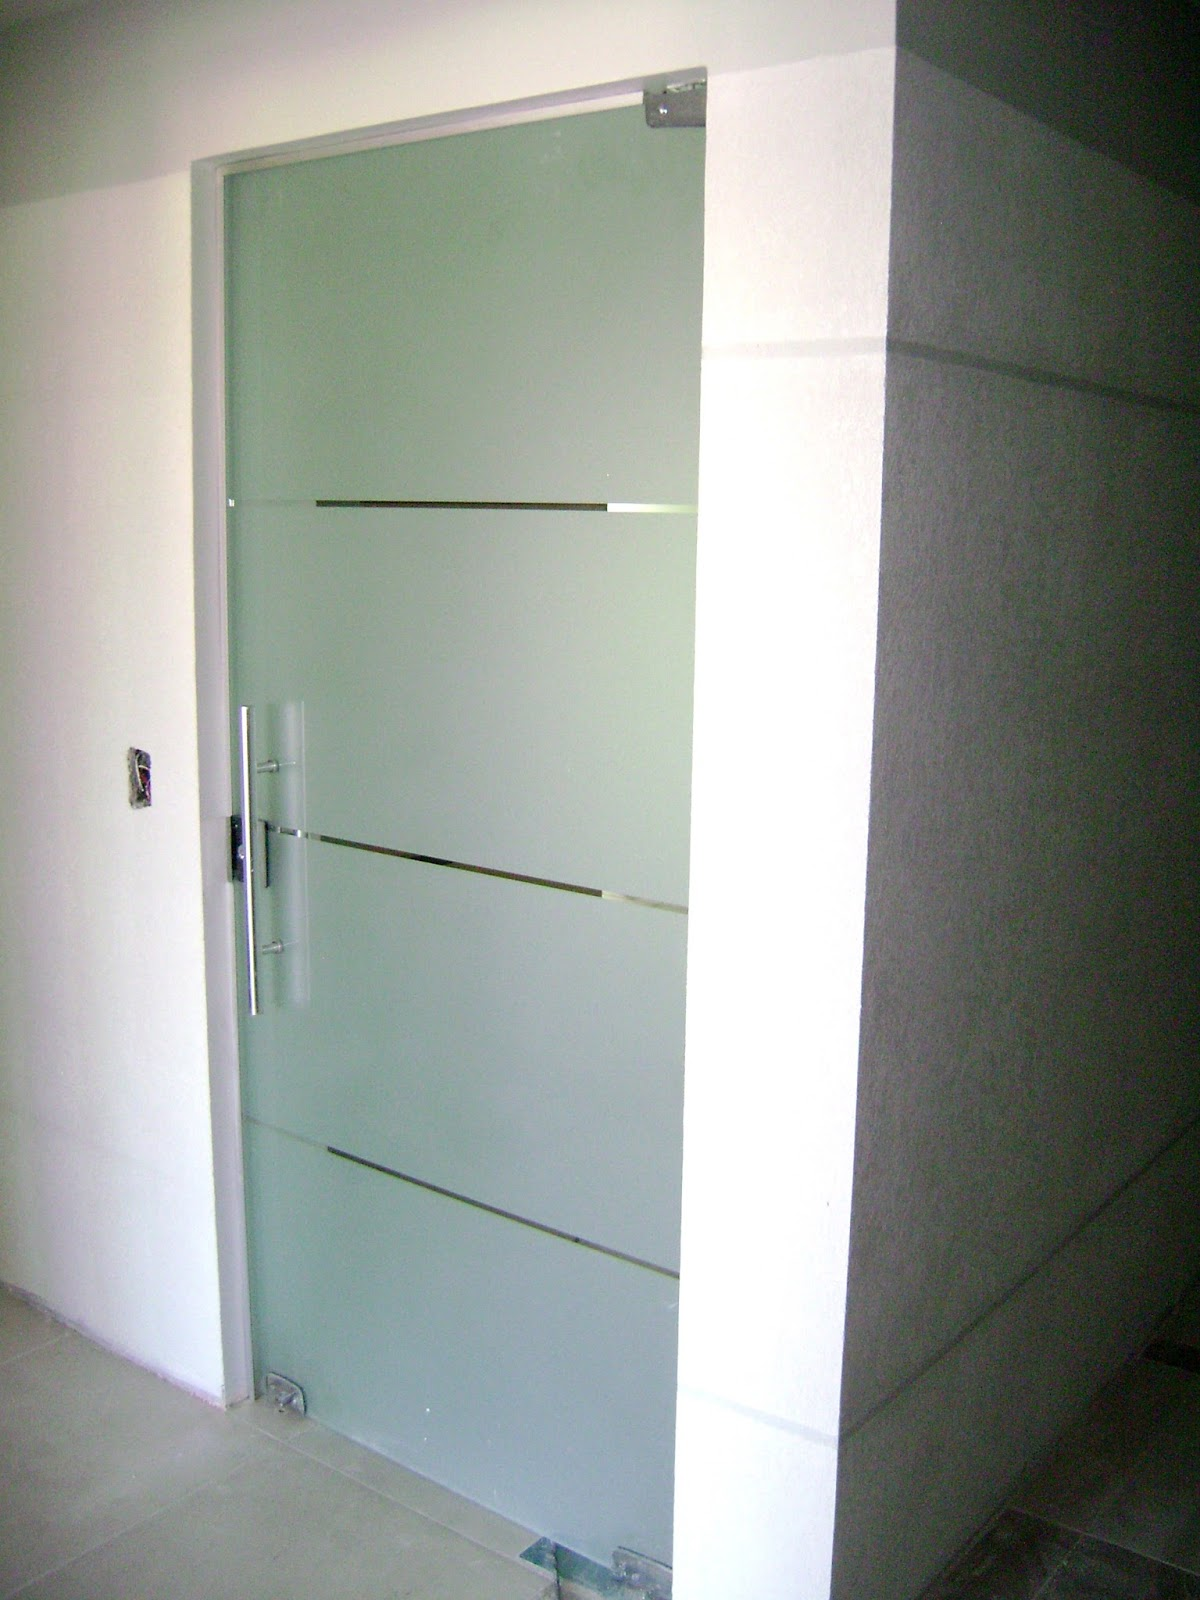 Imagens de #576874 Porta em vidro temperado Incolor 08 mm Jato fosco com listas e puxador  1200x1600 px 3514 Blindex De Banheiro Rj